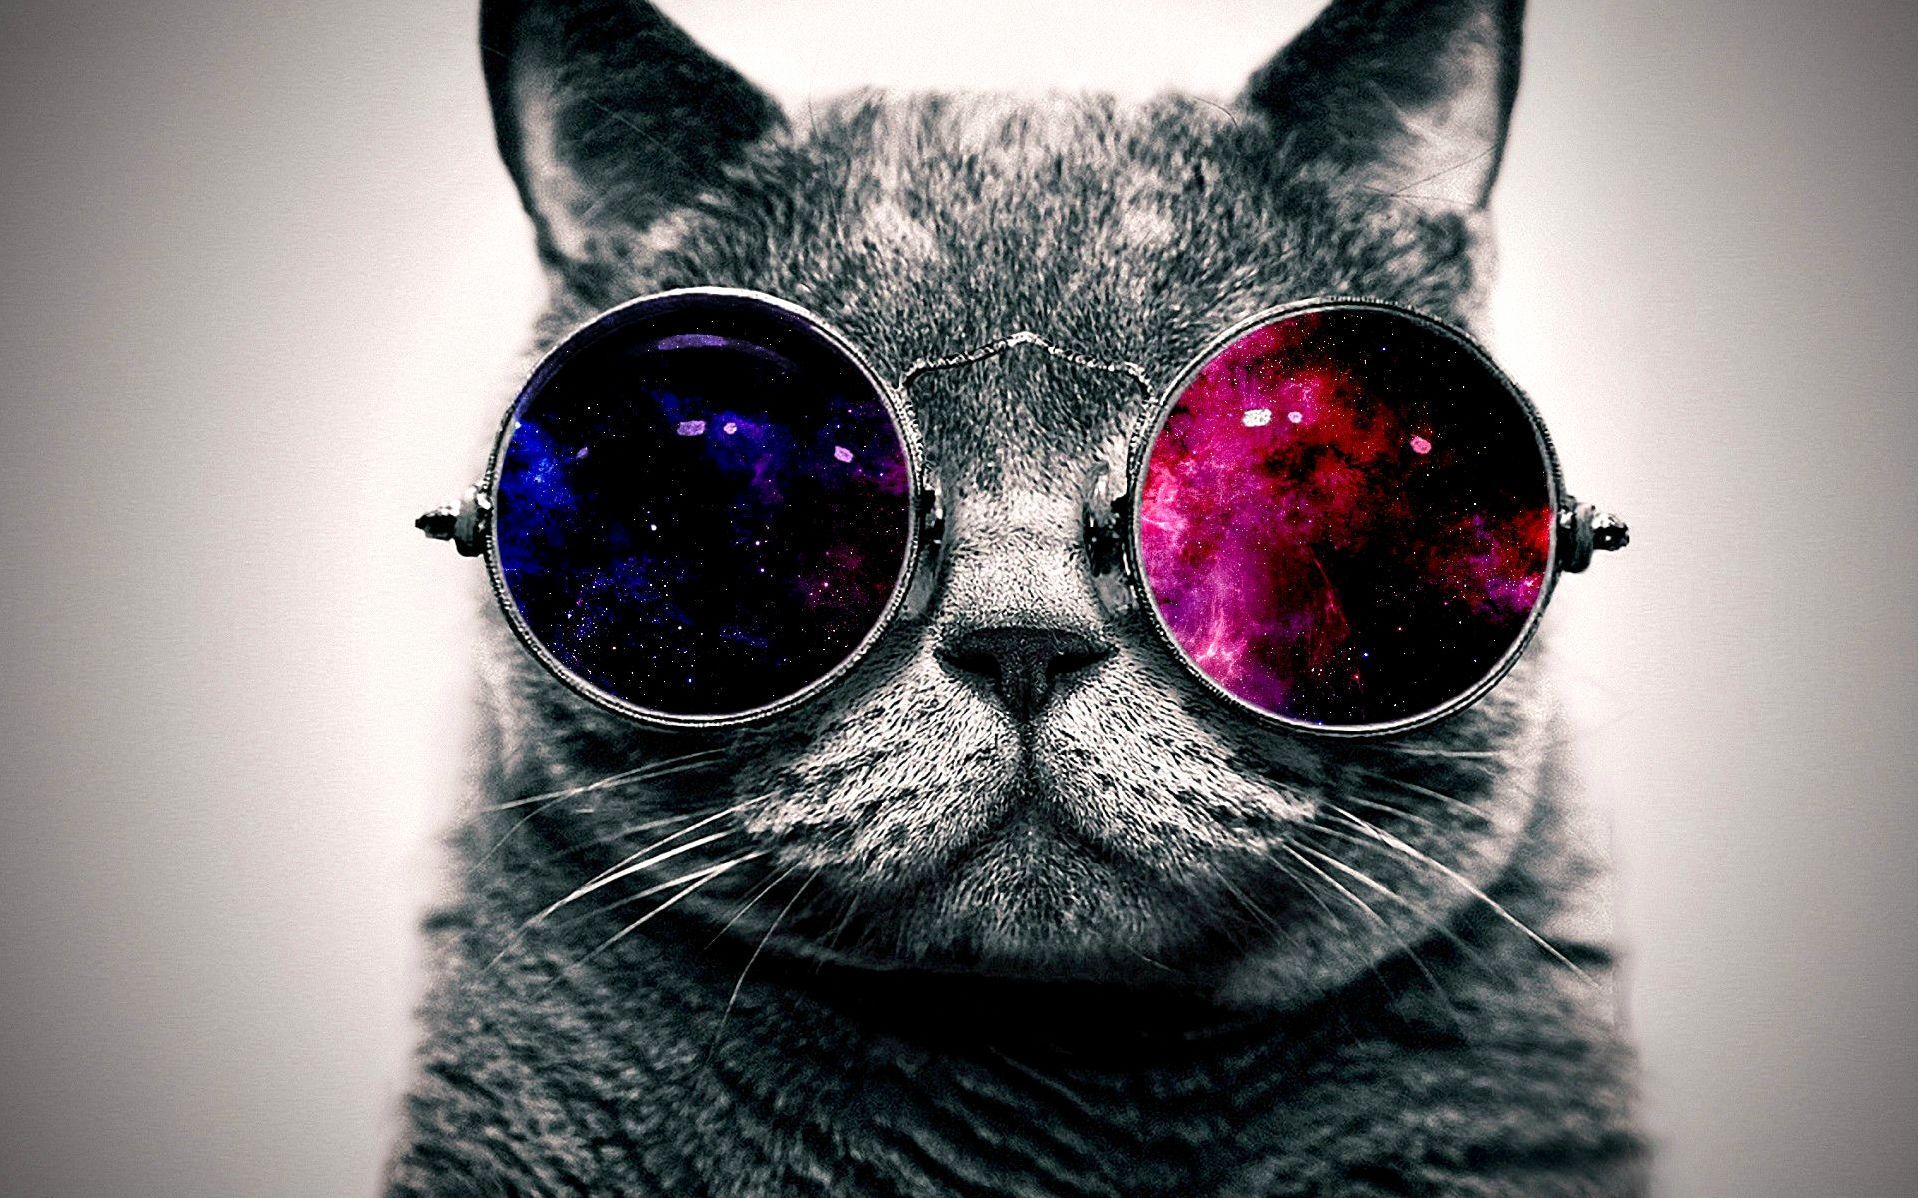 21st century cat